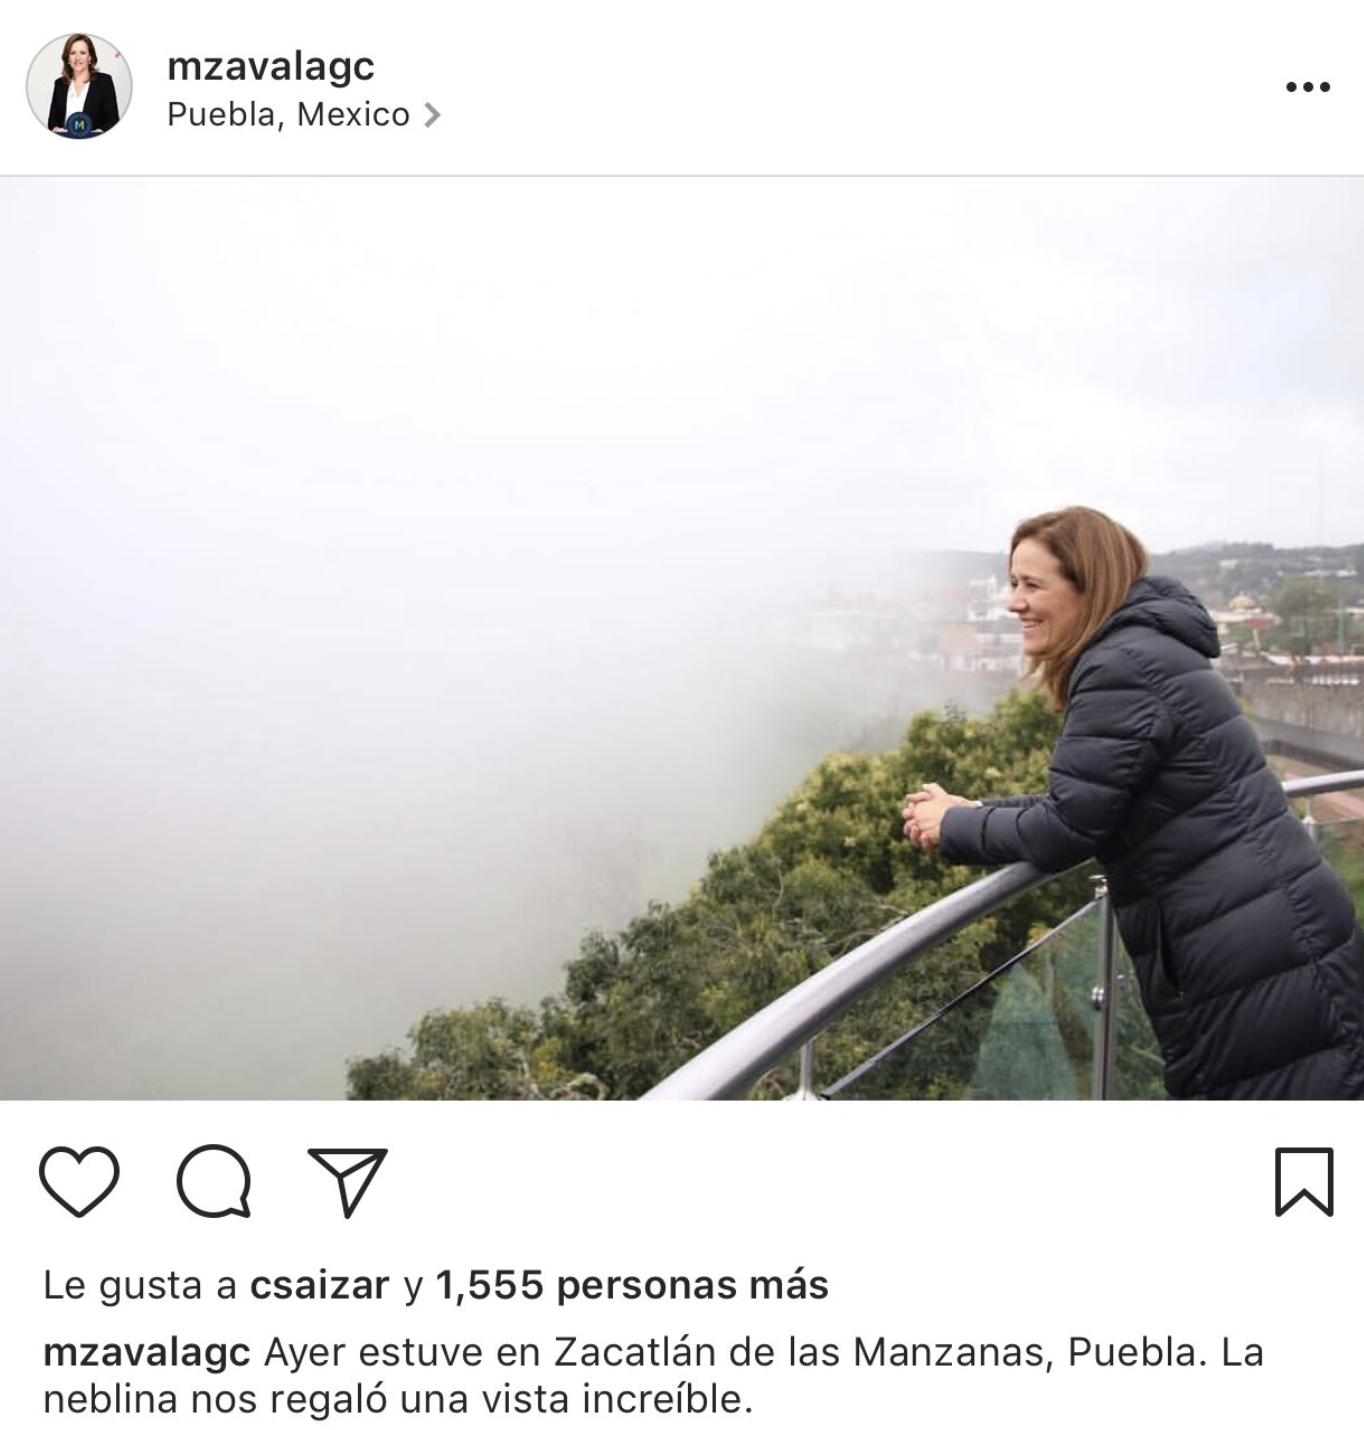 neblina ella increíble